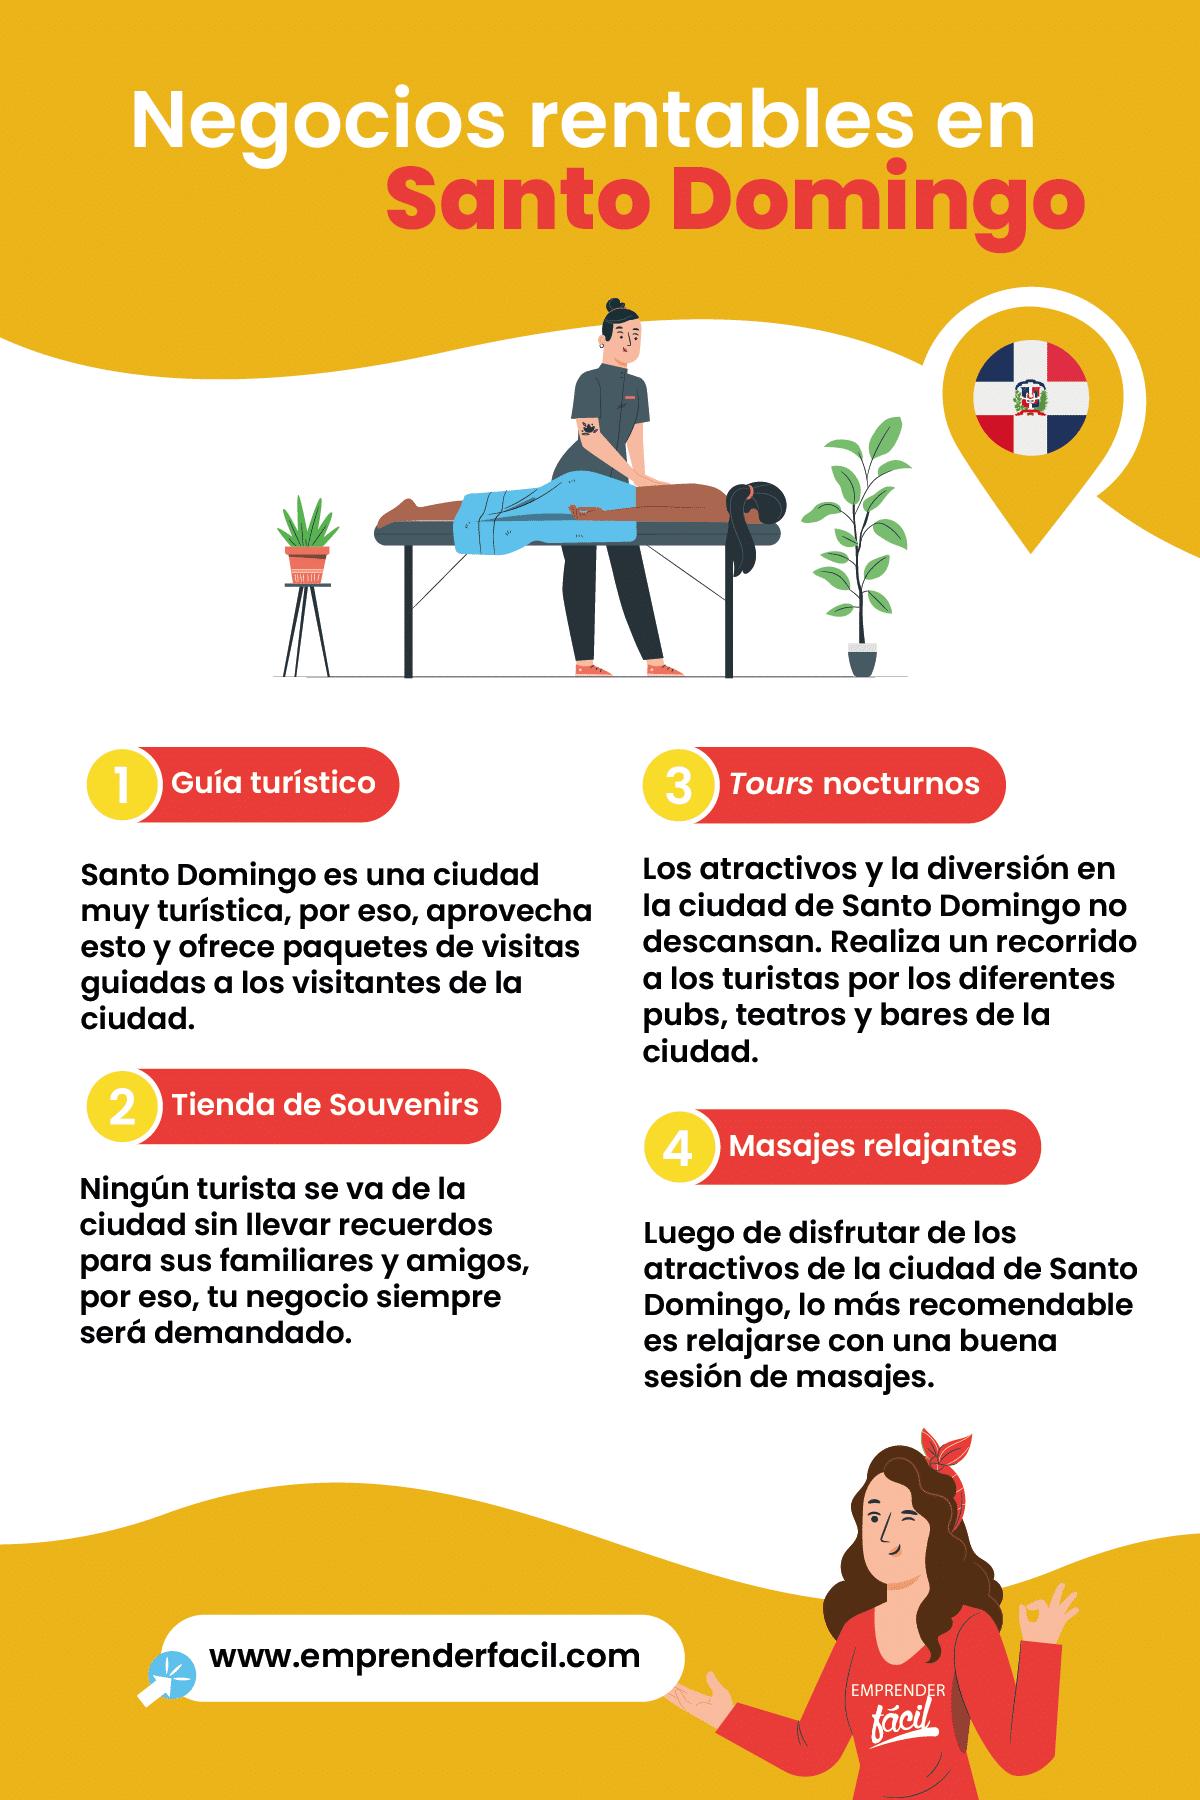 Negocios rentables en Santo Domingo, República Dominicana